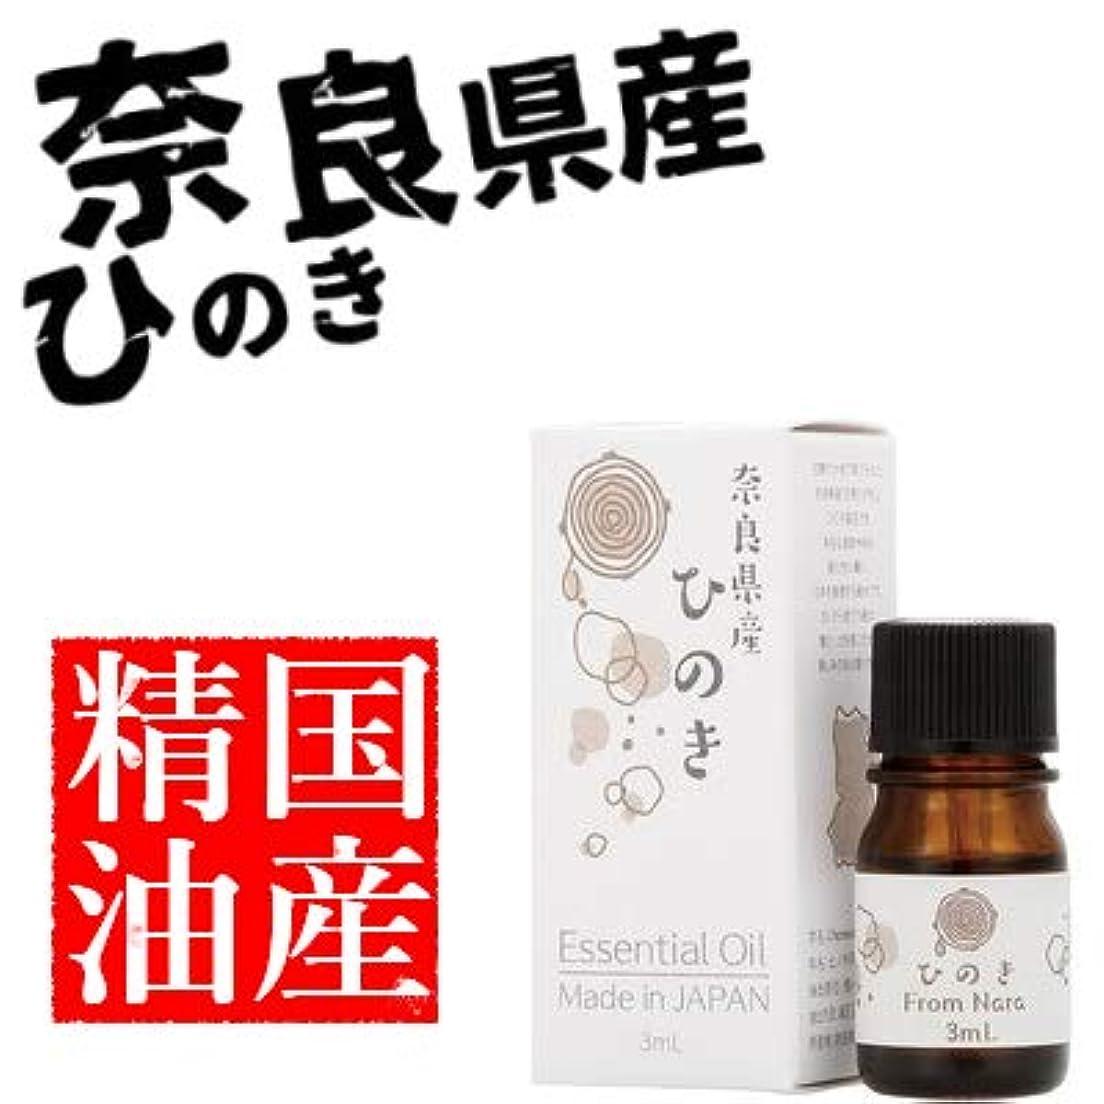 平衡腹ビヨン日本の香りシリーズ エッセンシャルオイル 国産精油 (ひのき)